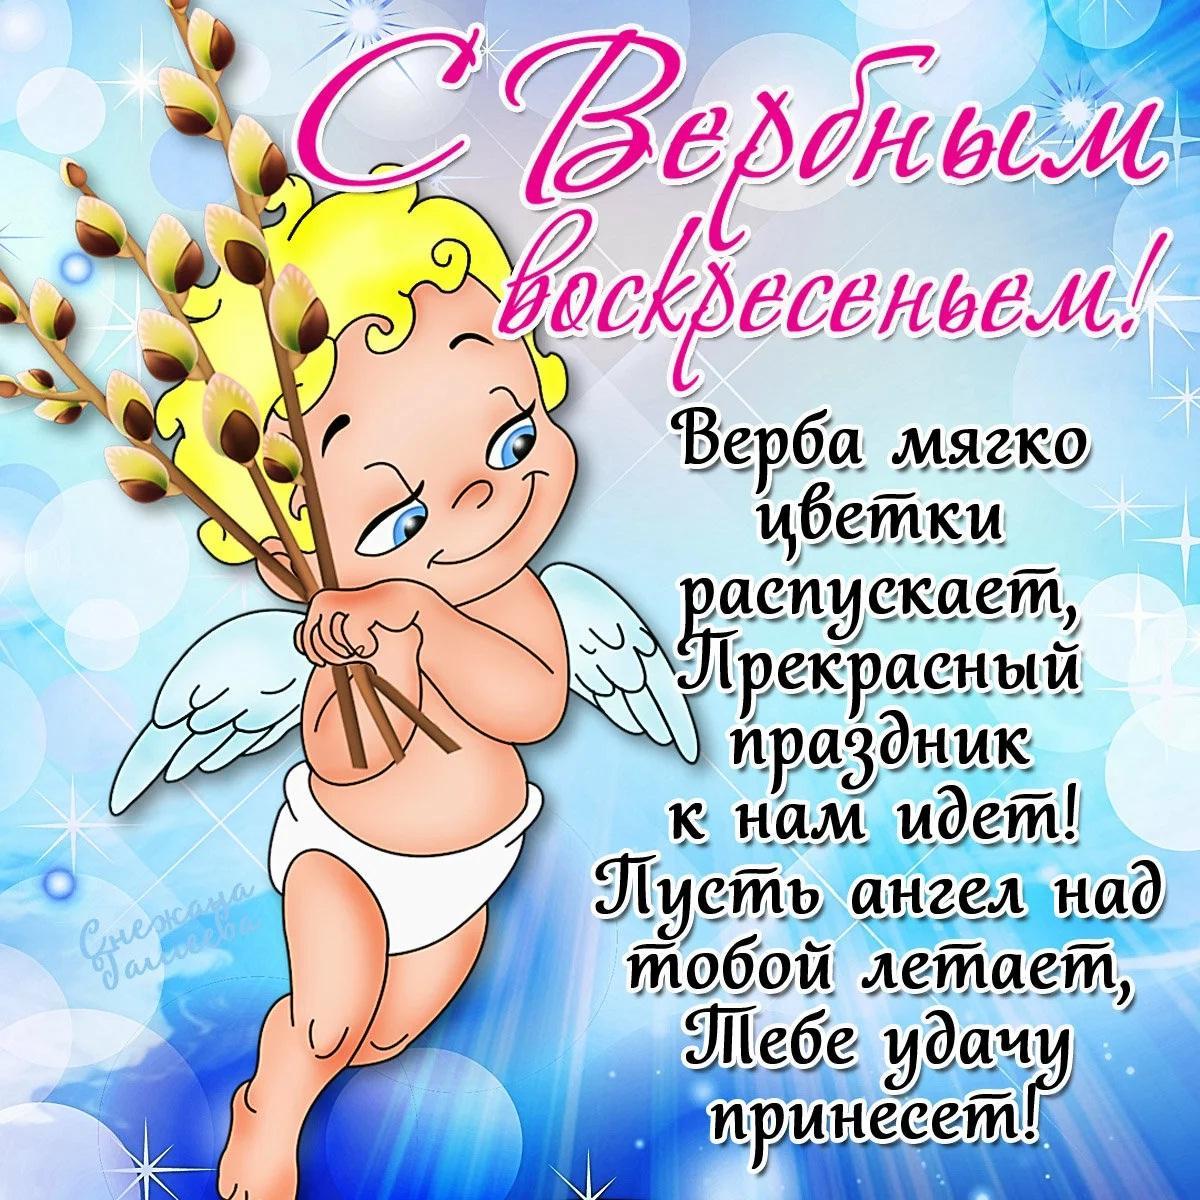 Фото Вербное воскресенье 25 апреля: красивые открытки и душевные поздравления 15